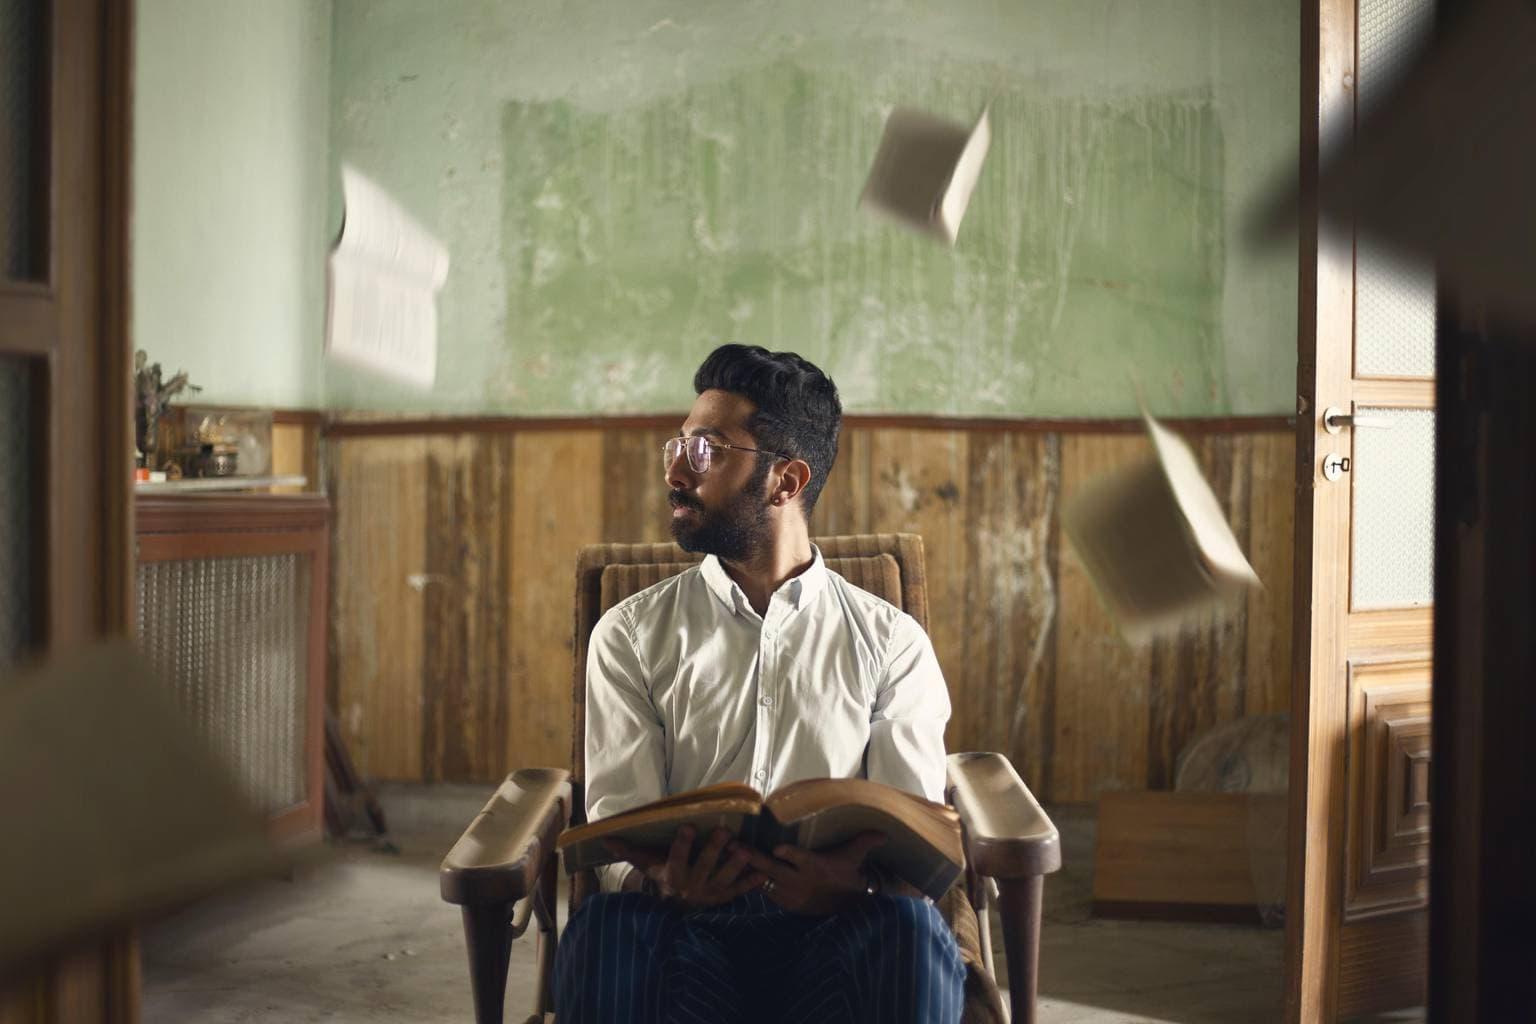 Retrato de hombre en una casa con libros volando